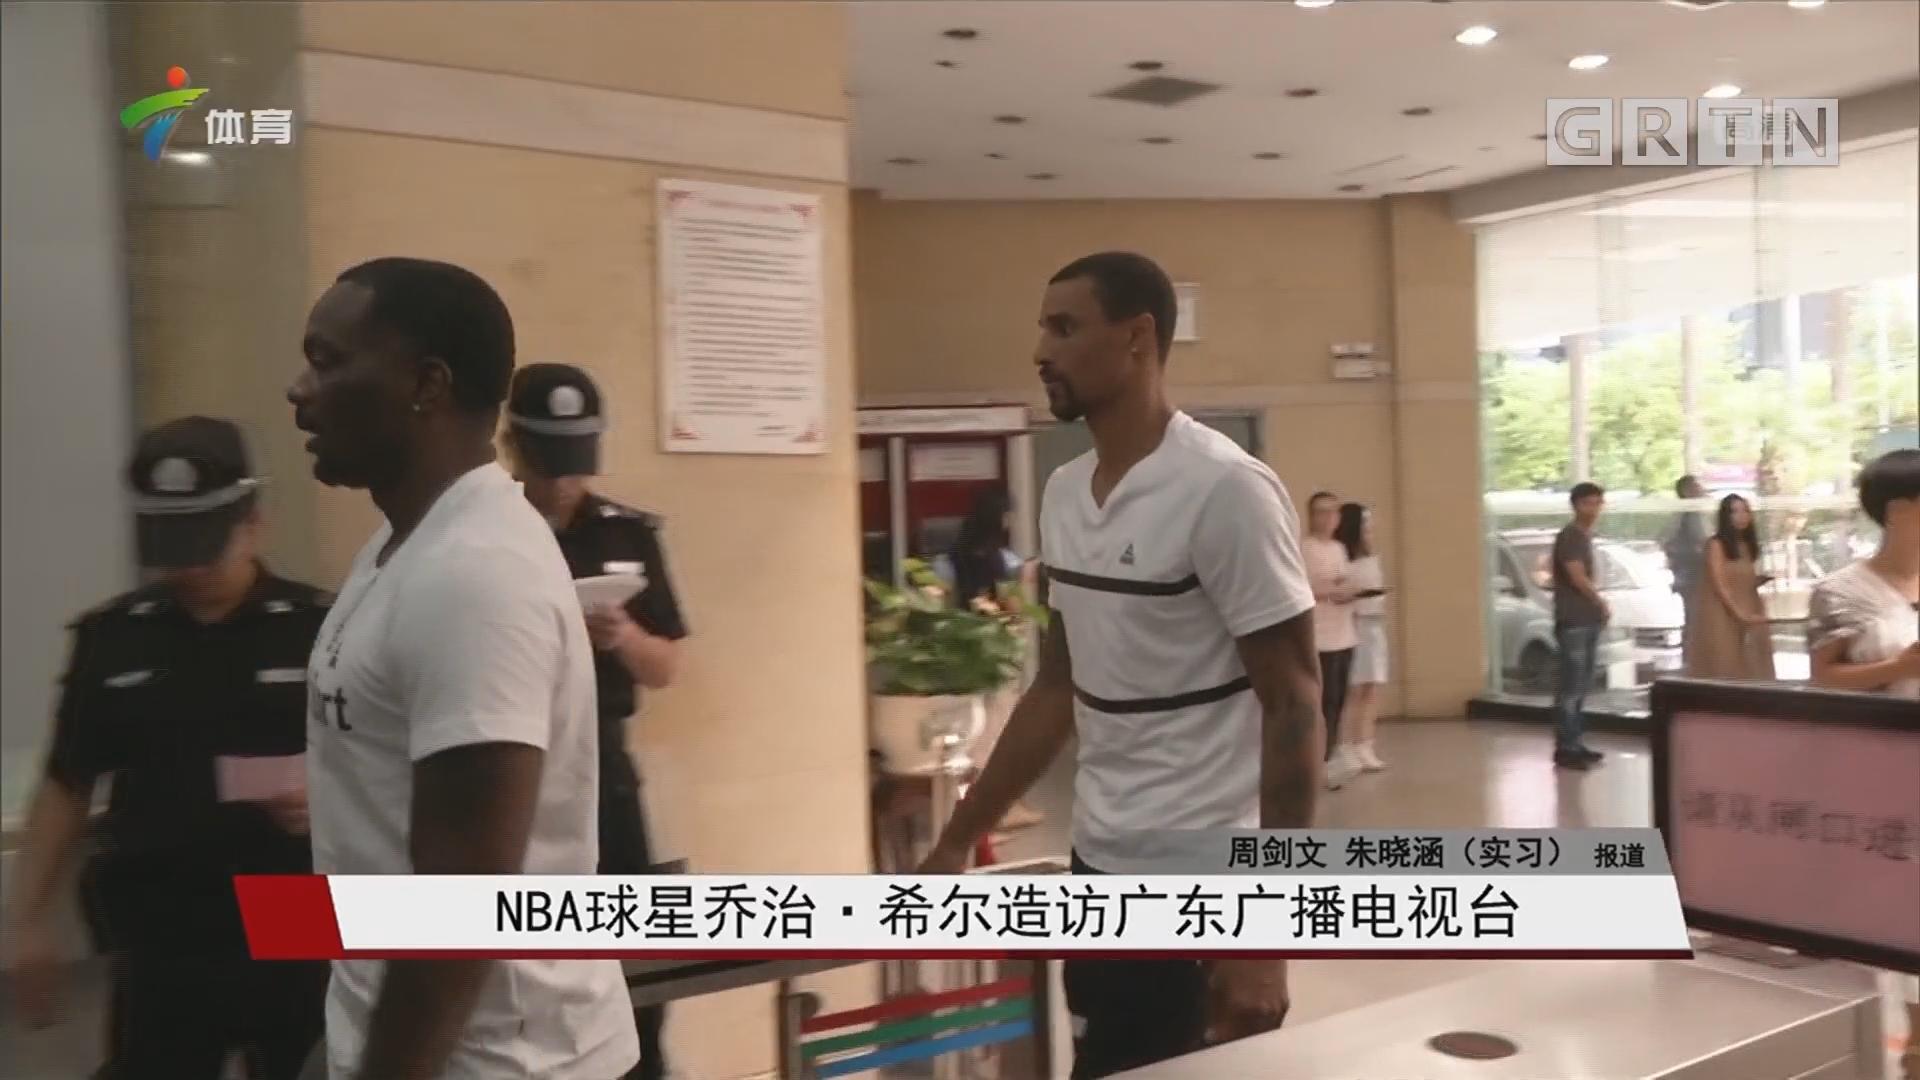 NBA球星乔治·希尔造访广东广播电视台